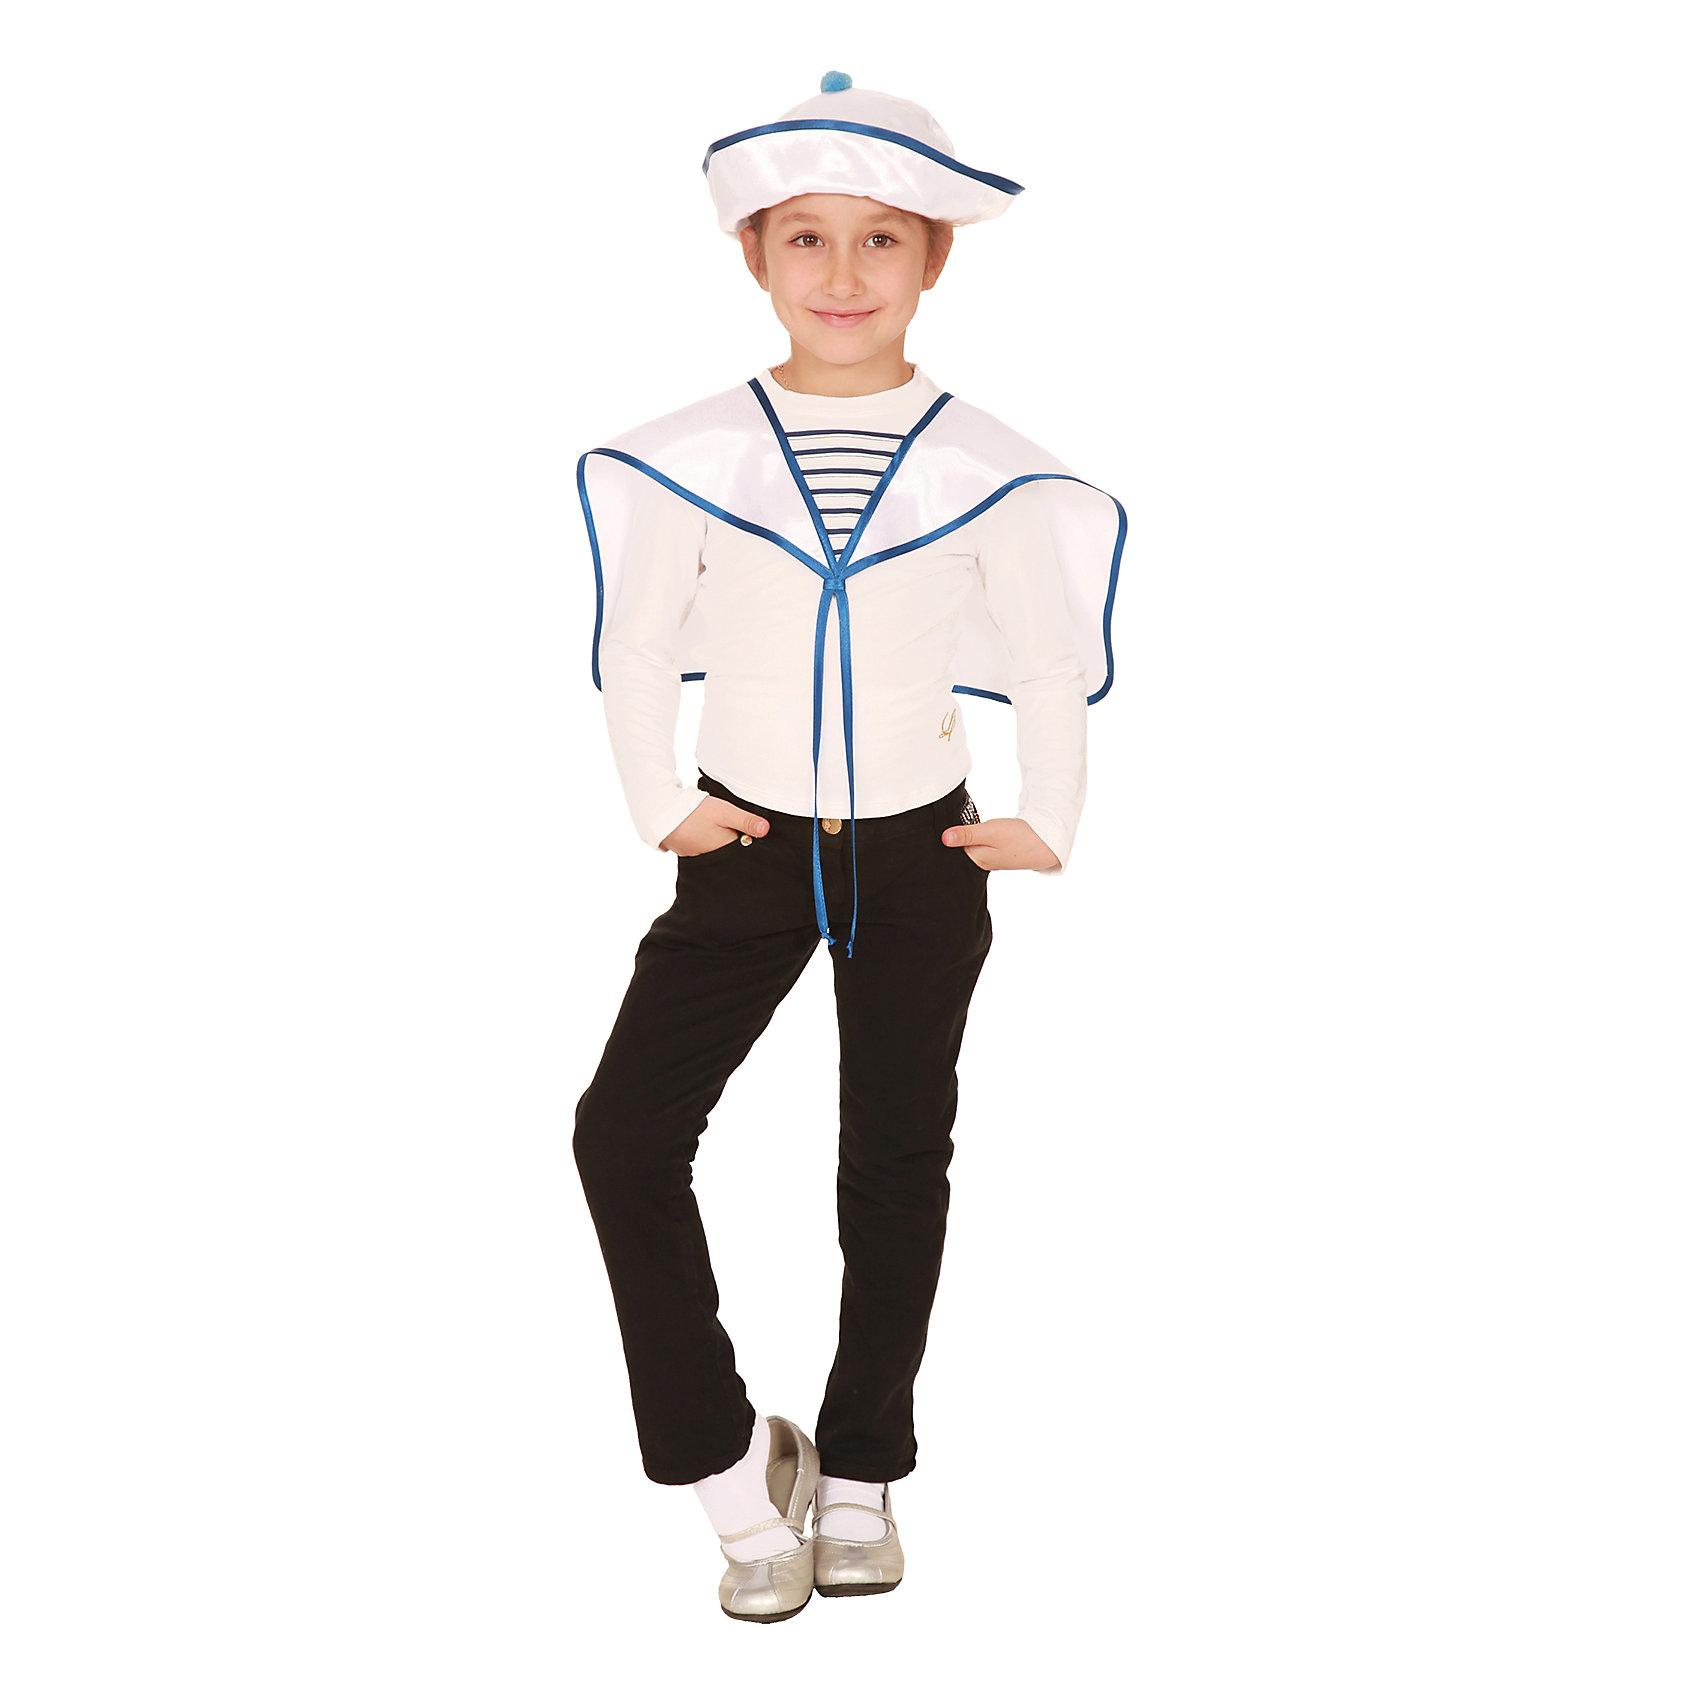 Карнавальный костюм Моряк, ВестификаКарнавальные костюмы для мальчиков<br>Карнавальный костюм Моряк создан по эскизам начала 20 века. Костюм разработан в рамках коллекции «Сам себе костюмер», поэтому состоит всего их 2-х деталей и стоит недорого. Основу костюма составляет гюйс и морская панама универсального размера. По ширине панама регулируется резинкой. Поля панамы могут быть загнуты в разные стороны. Морской воротник украшен завязками.<br><br>Дополнительная информация:<br><br>Крепсатин (100% полиэстер)<br>В комплект входит: Воротник гюйс, панама.<br>Рекомендуется для детей старше 3-х лет для кратковременного ношения. <br>Срок службы 5 лет при аккуратном ношении. <br>Способ ухода за изделием: ручная стирка при температуре 30 С° с применением нейтральных моющих средств. <br>Не отжимать. <br>Не сушить в машине. <br>Гладить при низкой температуре.<br><br>Карнавальный костюм Моряк, Вестифика можно купить в нашем магазине.<br><br>Ширина мм: 236<br>Глубина мм: 16<br>Высота мм: 184<br>Вес г: 360<br>Цвет: белый<br>Возраст от месяцев: 60<br>Возраст до месяцев: 84<br>Пол: Унисекс<br>Возраст: Детский<br>Размер: 116/122<br>SKU: 4528612